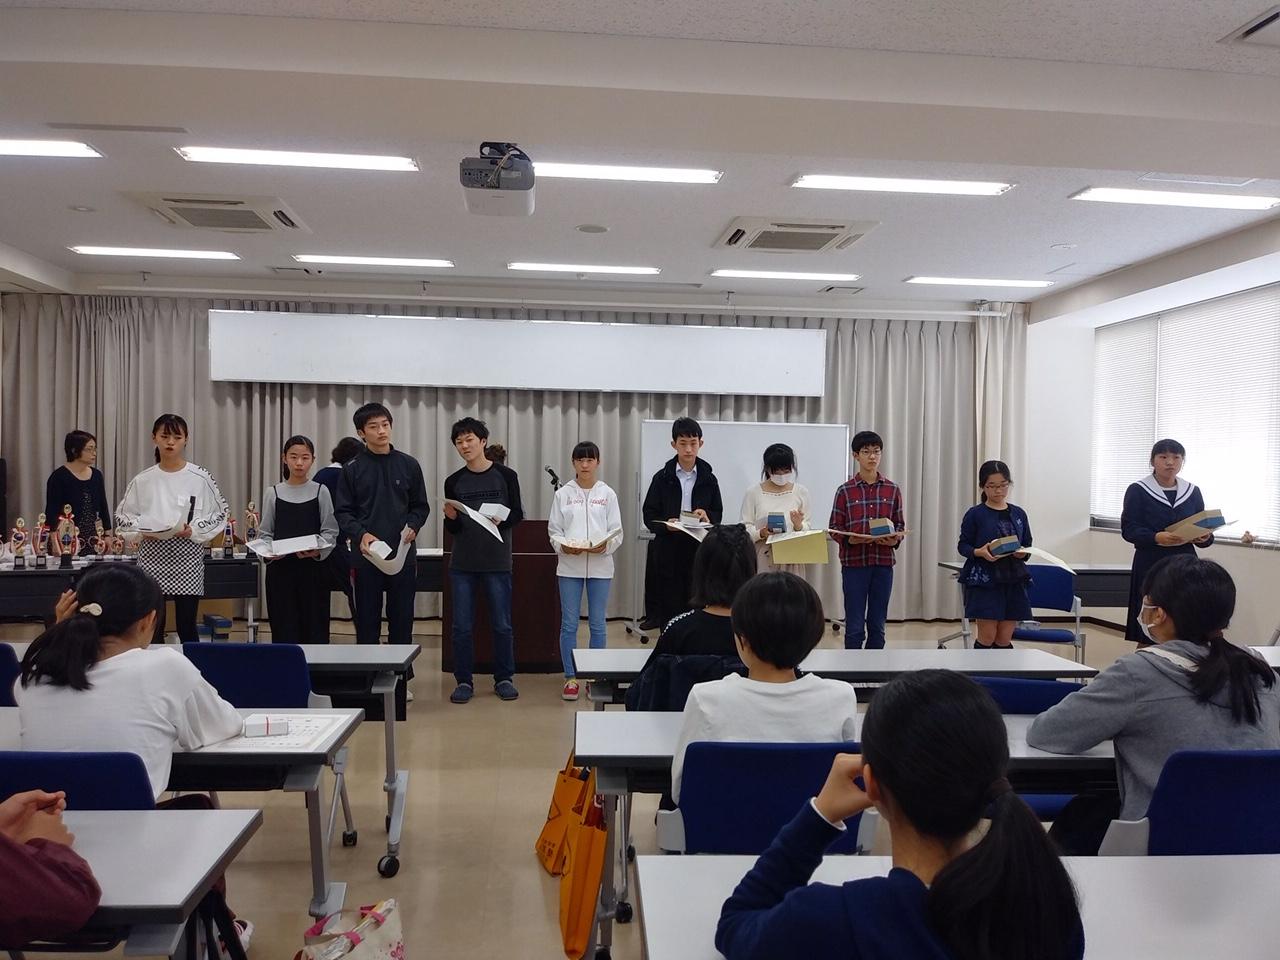 中学生の部